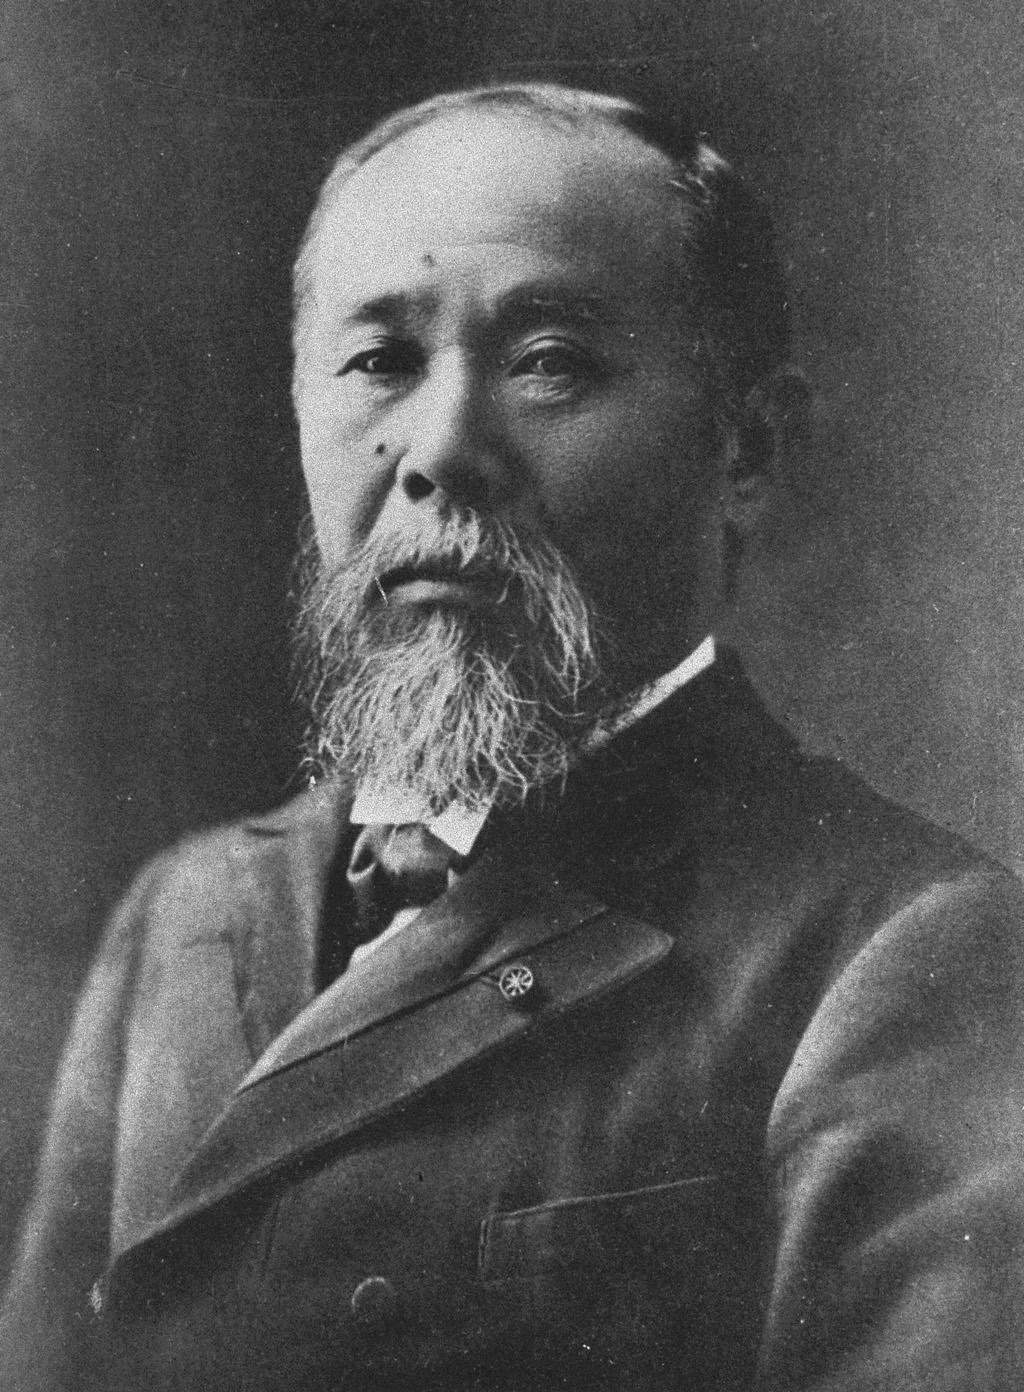 伊藤博文の憲法に関する演説